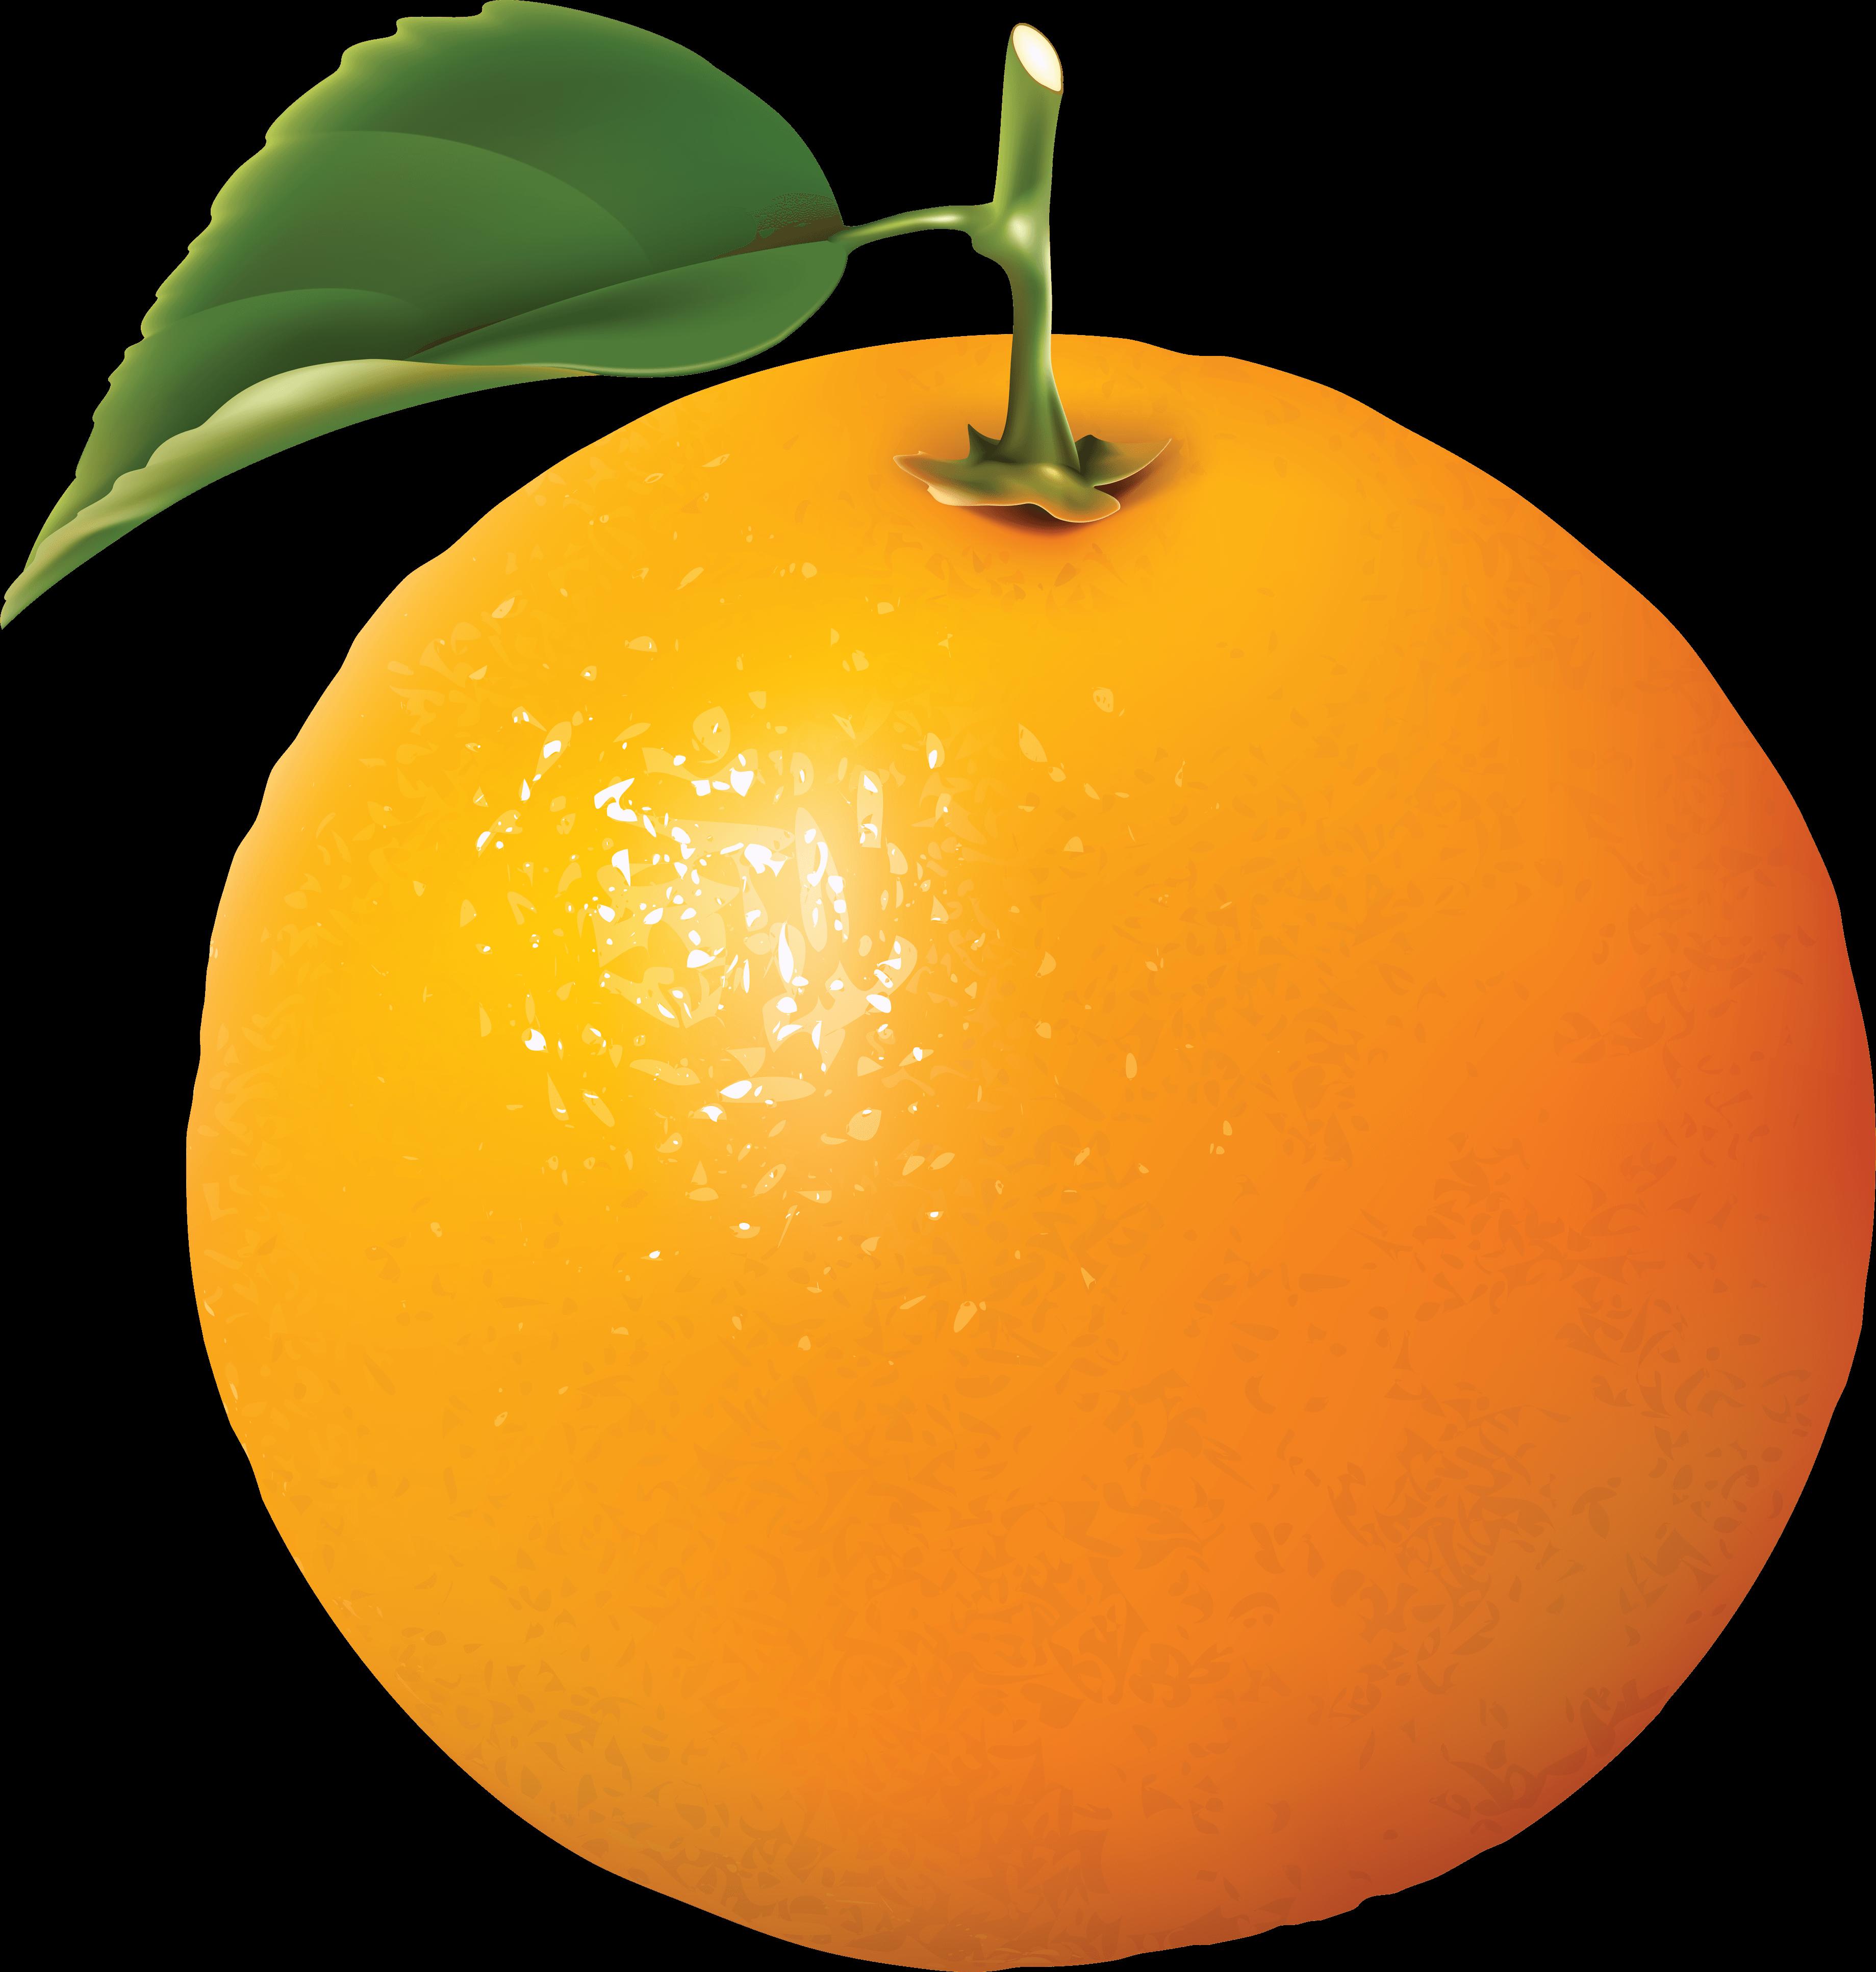 Give Dogs Orange Juice